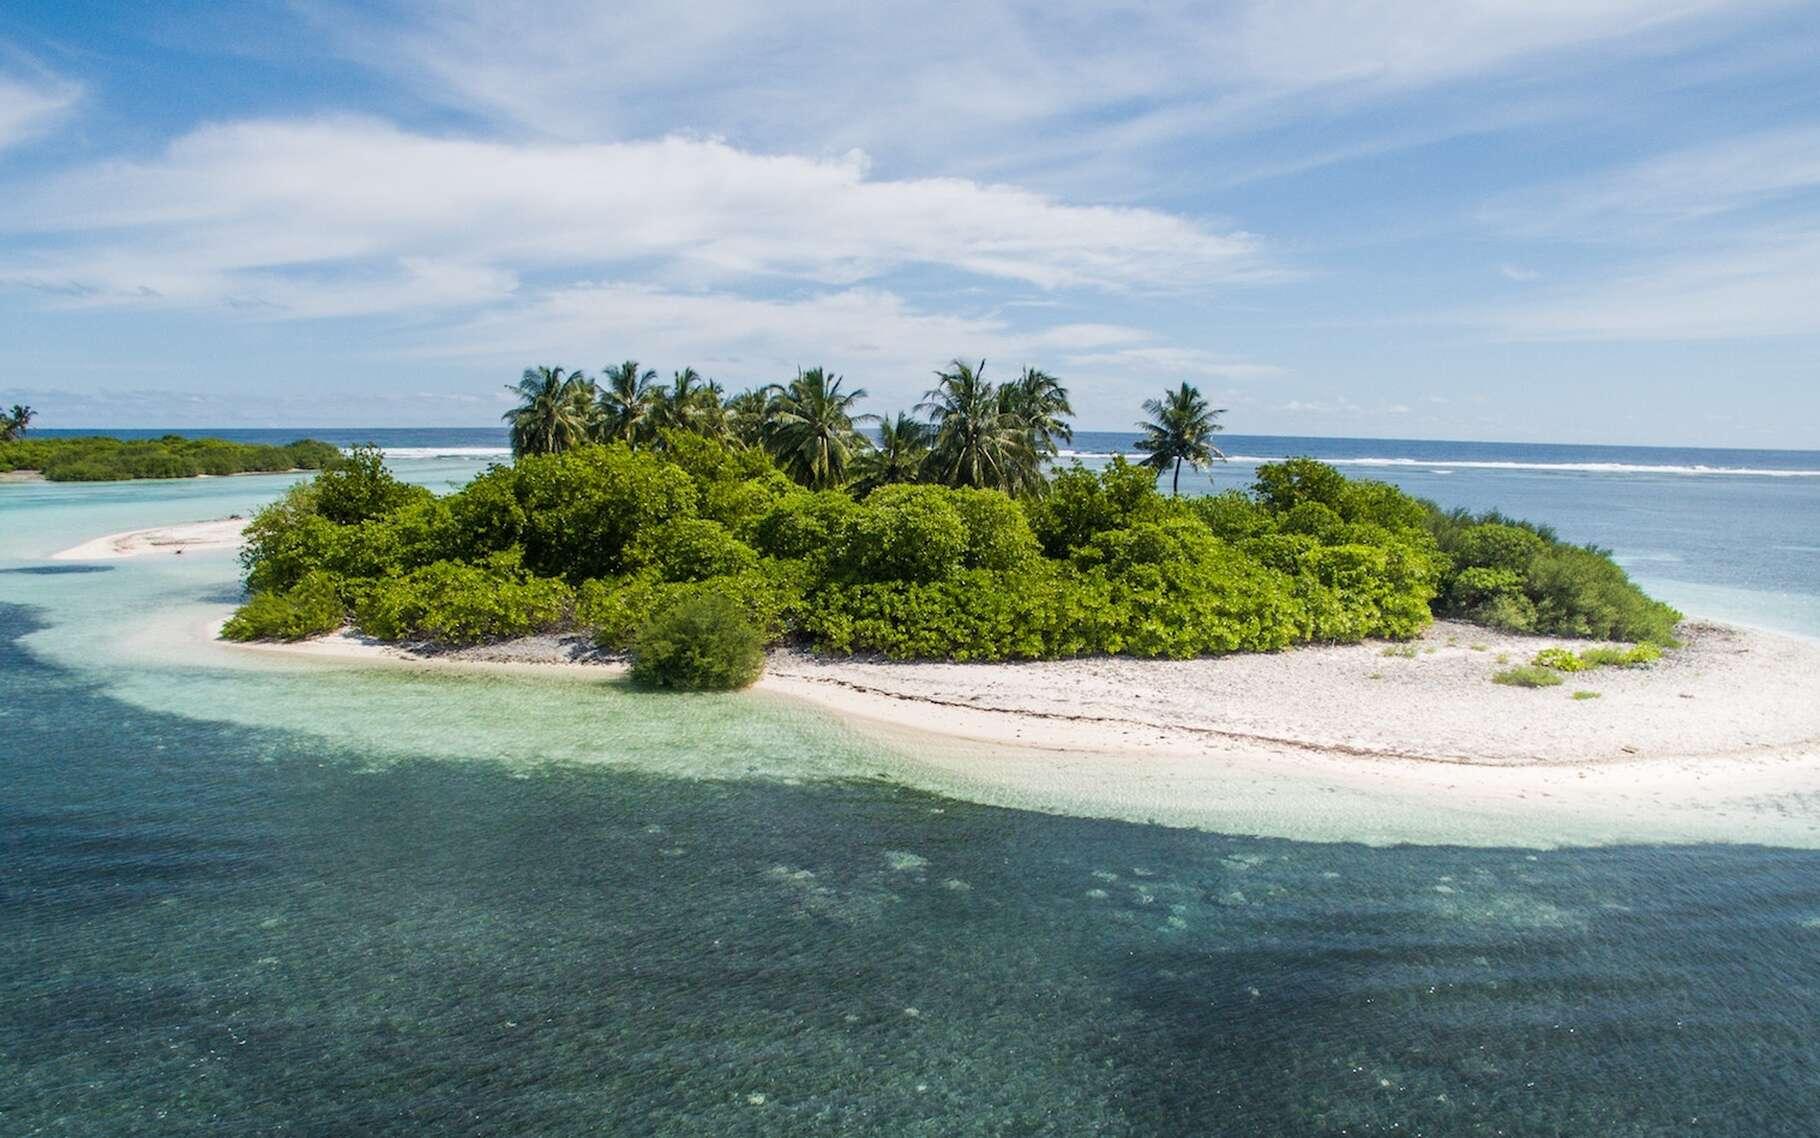 Il existerait sur Terre pas moins de 300.000 îles de tailles et de caractéristiques variées. Mais laquelle est la plus grande? © Aishath Naj, Unsplash